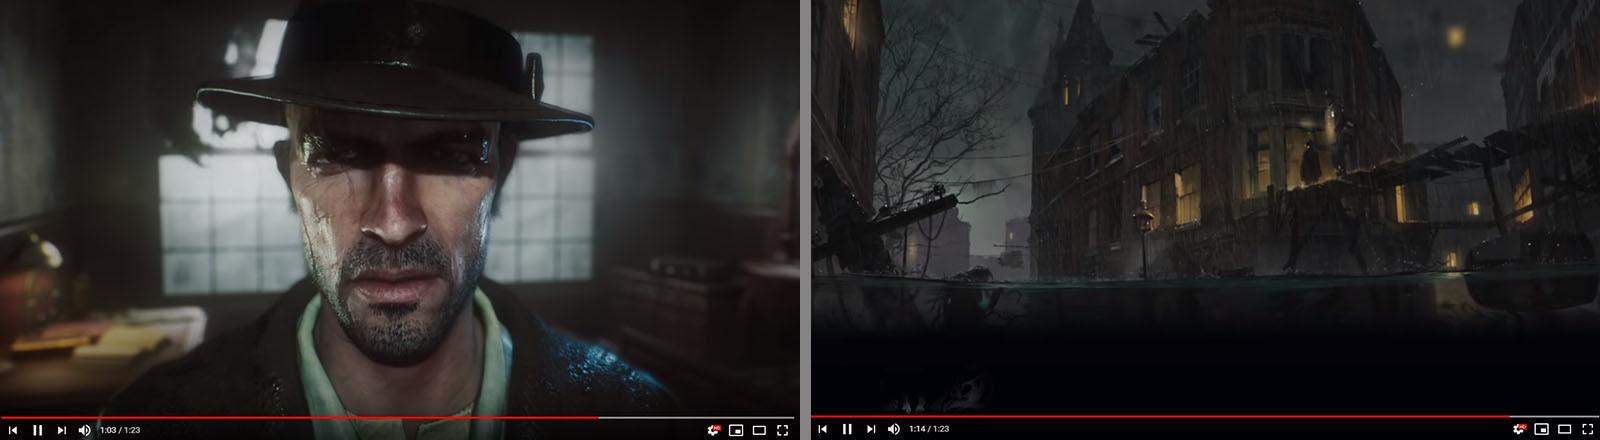 Screenshots aus Sinking City.